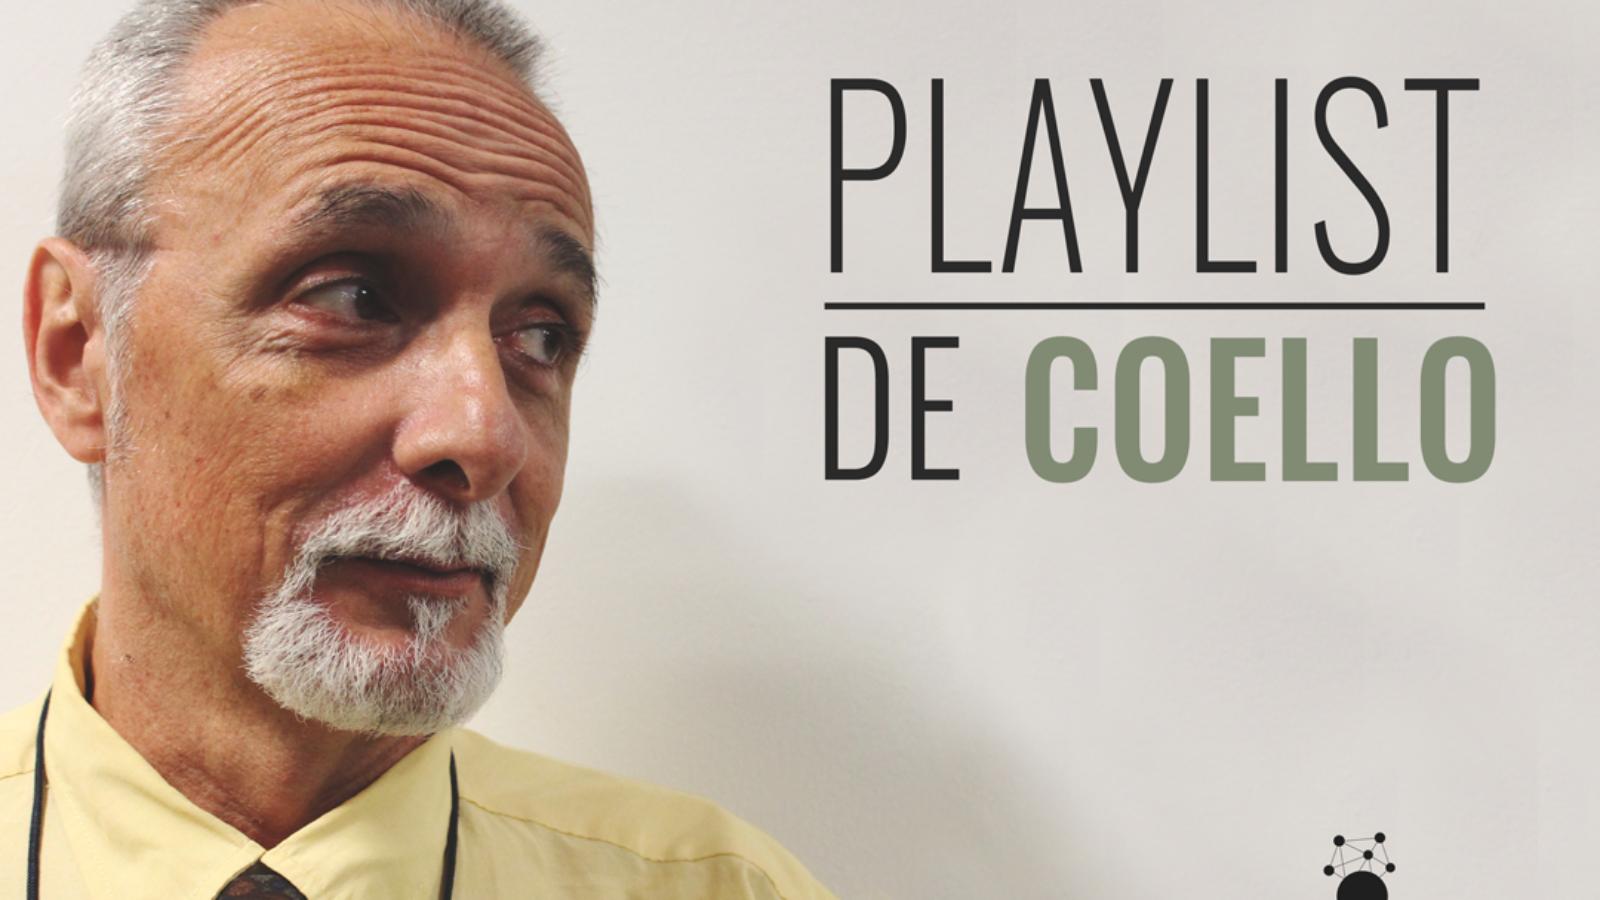 Playlist-Coello (2)